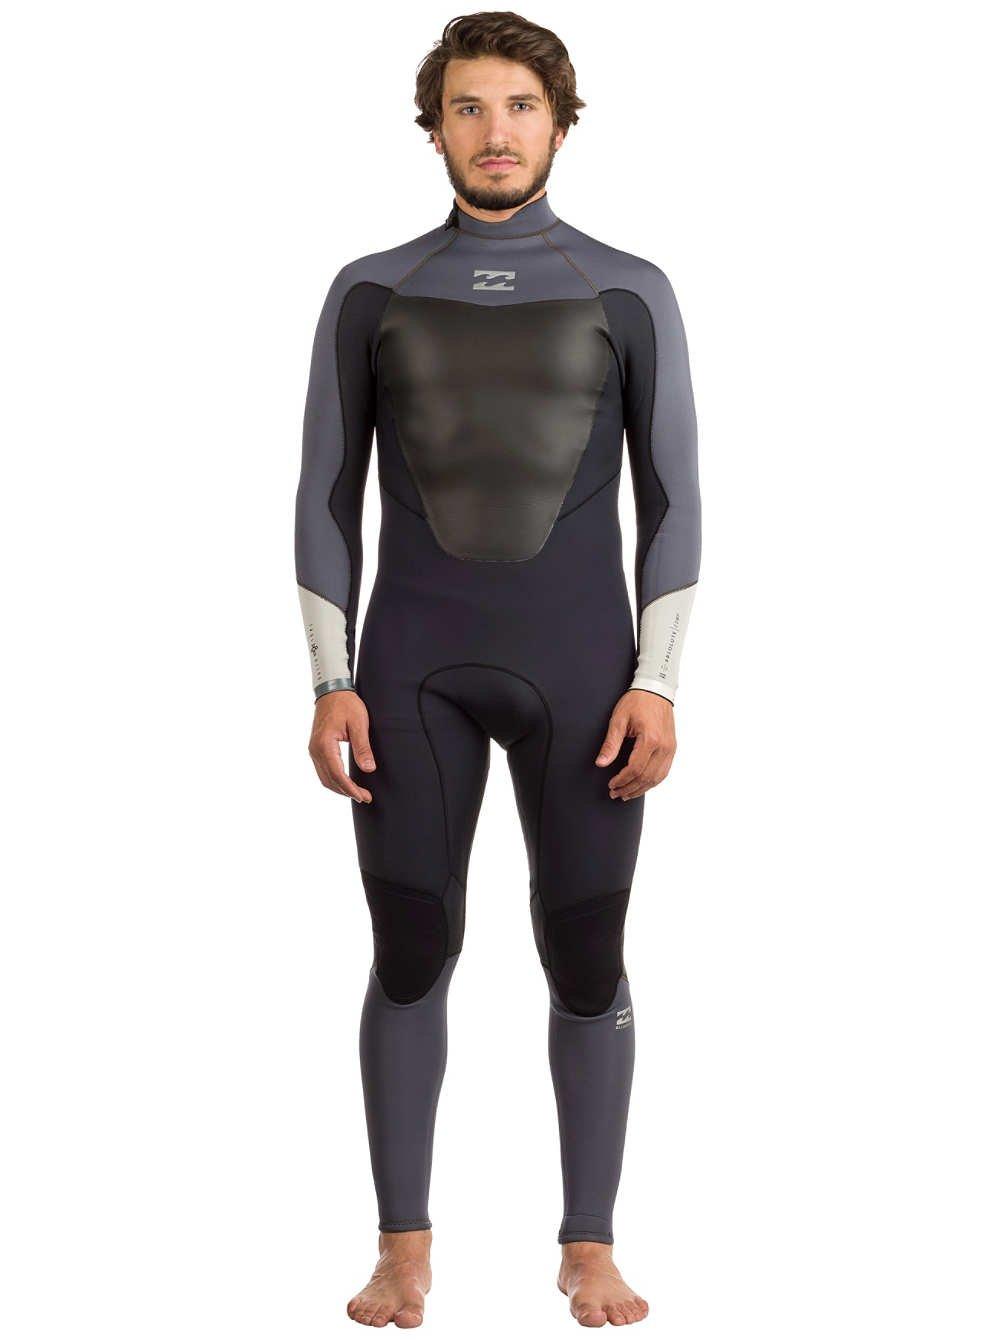 2017年Billabong絶対Comp 3 / 2 mm Back Zip Wetsuitアスファルトf43 m22  Medium Tall